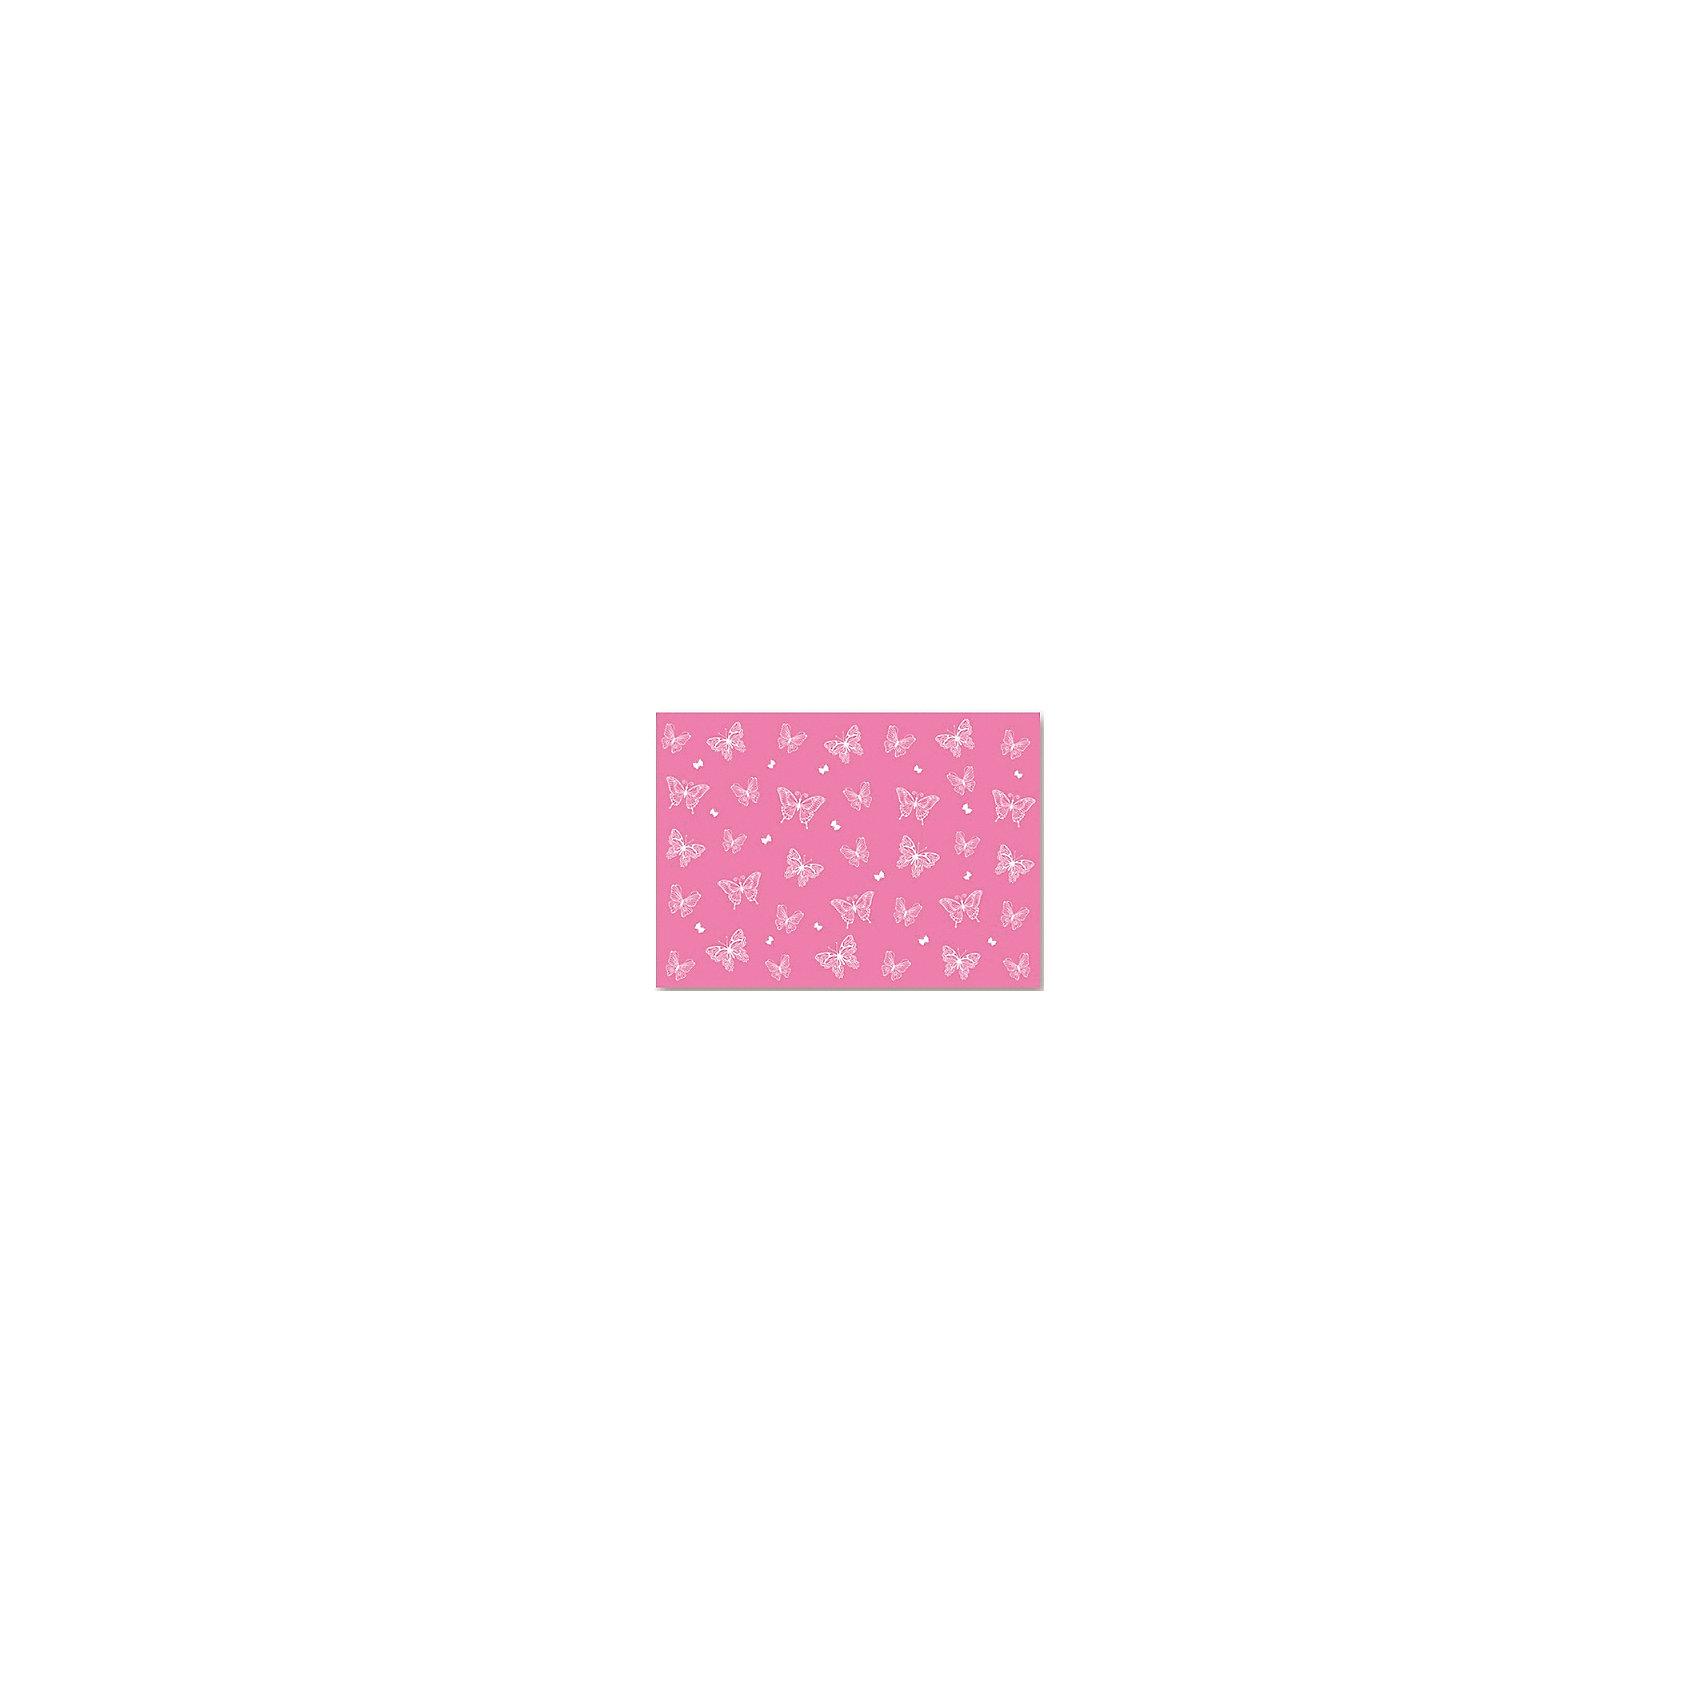 Пленка цветная для уроков труда Бабочки на розовом Феникс+Рисование и лепка<br>Пленка цв. д/уроков труда БАБОЧКИ НА РОЗОВОМ (50х70см, ПВХ, ПЭТ с европодвесом)<br><br>Ширина мм: 400<br>Глубина мм: 260<br>Высота мм: 2<br>Вес г: 72<br>Возраст от месяцев: 72<br>Возраст до месяцев: 2147483647<br>Пол: Унисекс<br>Возраст: Детский<br>SKU: 7046372